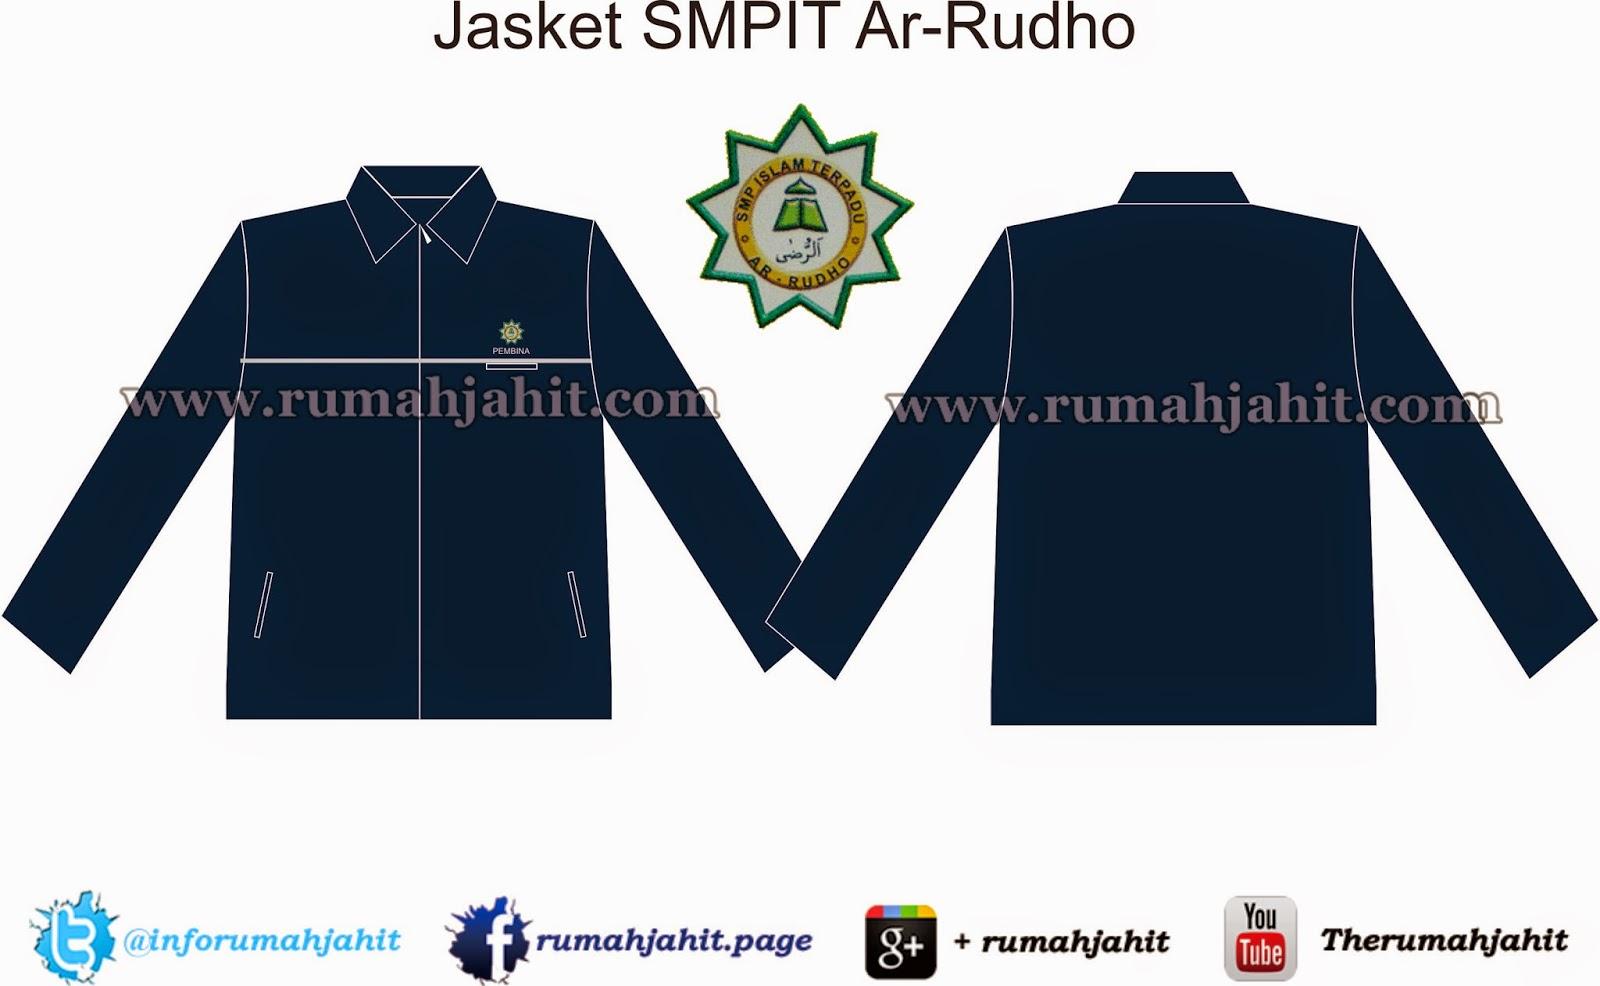 Jasket SMPIT Ar-Rudho | Desain Seragam 2018